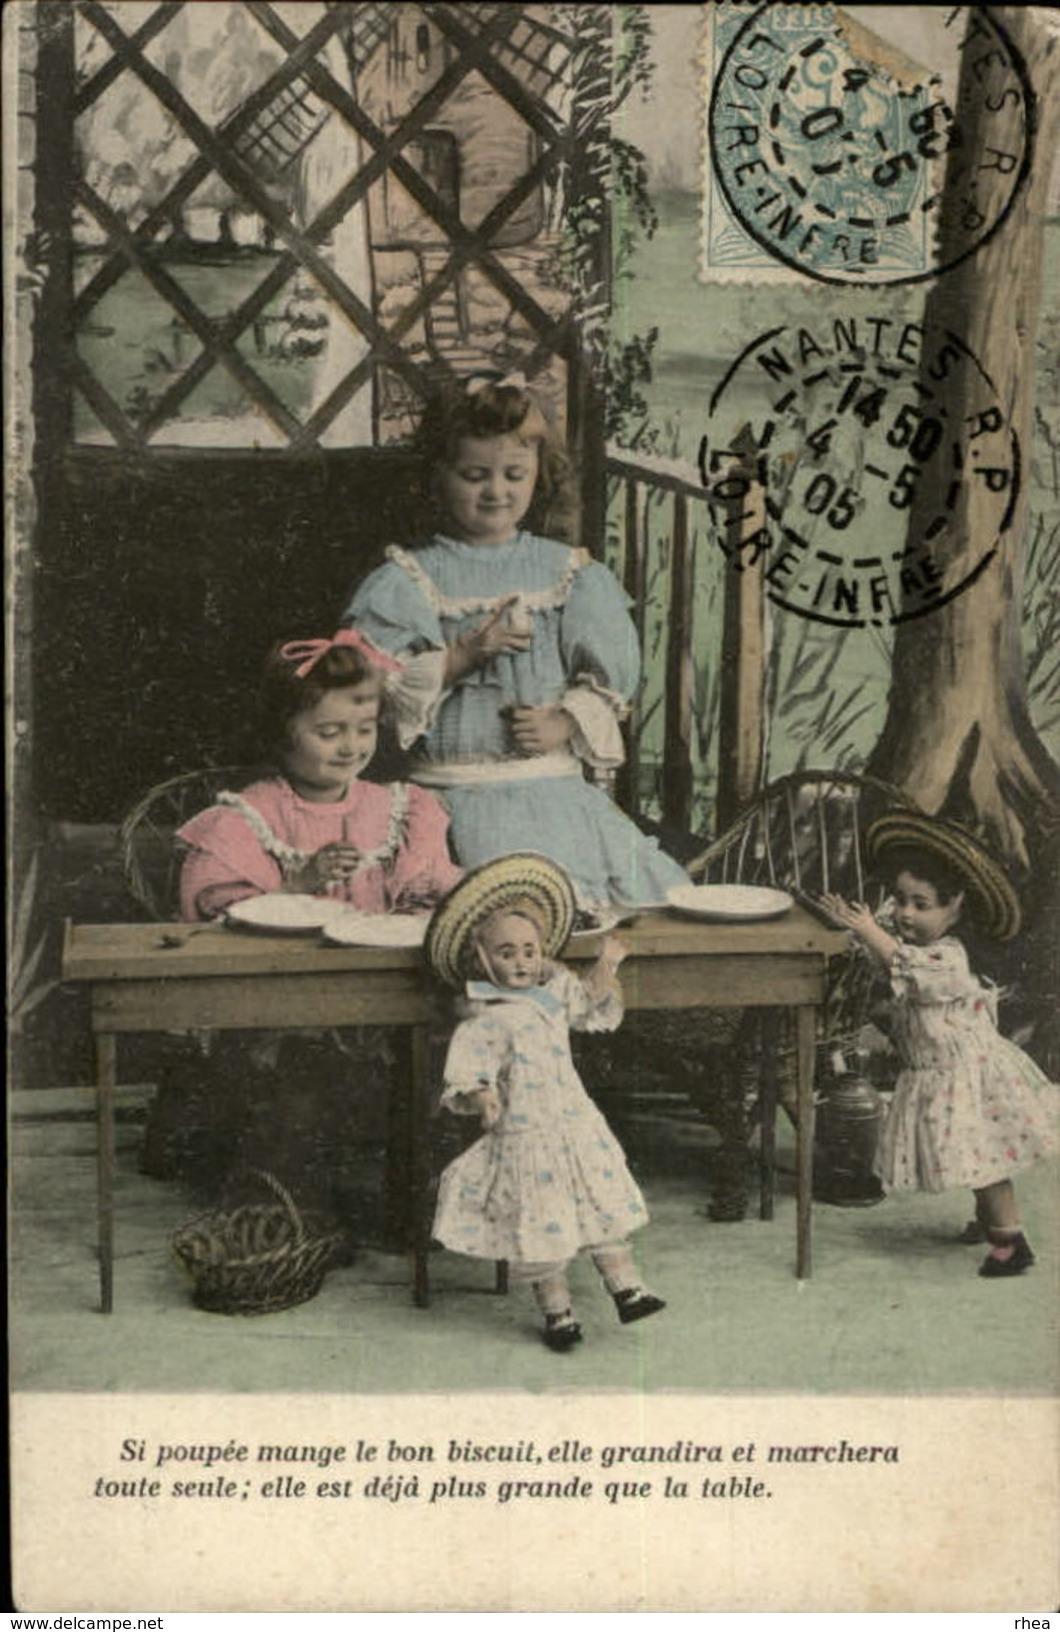 POUPEES - Fantaisie - Jouets - Fantaisie Enfants - Belle Série De 4 Cartes - Jeux Et Jouets